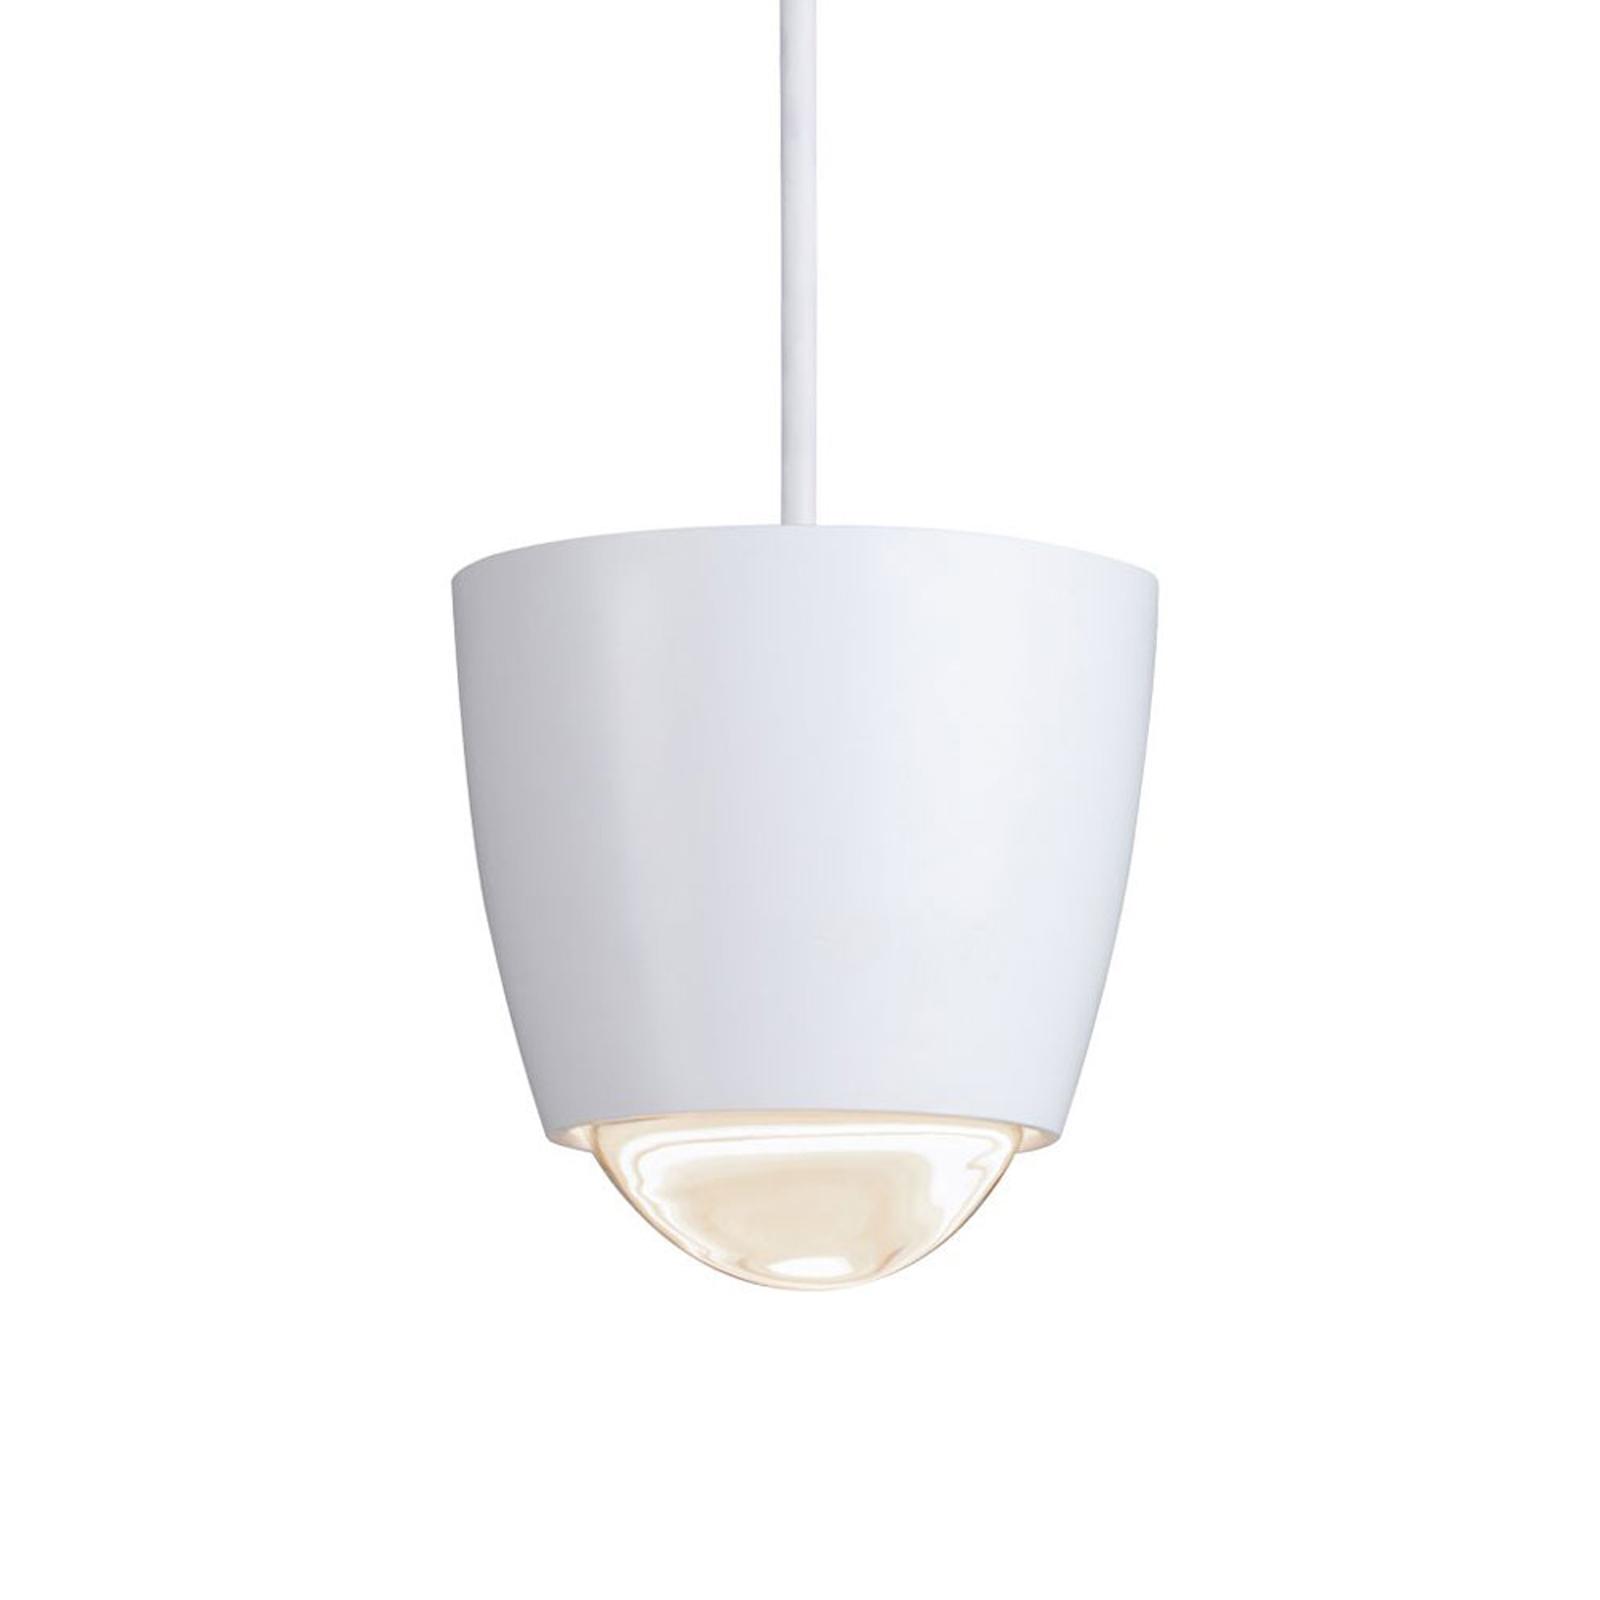 Paulmann NanoRail Cono lampa wisząca LED, biała